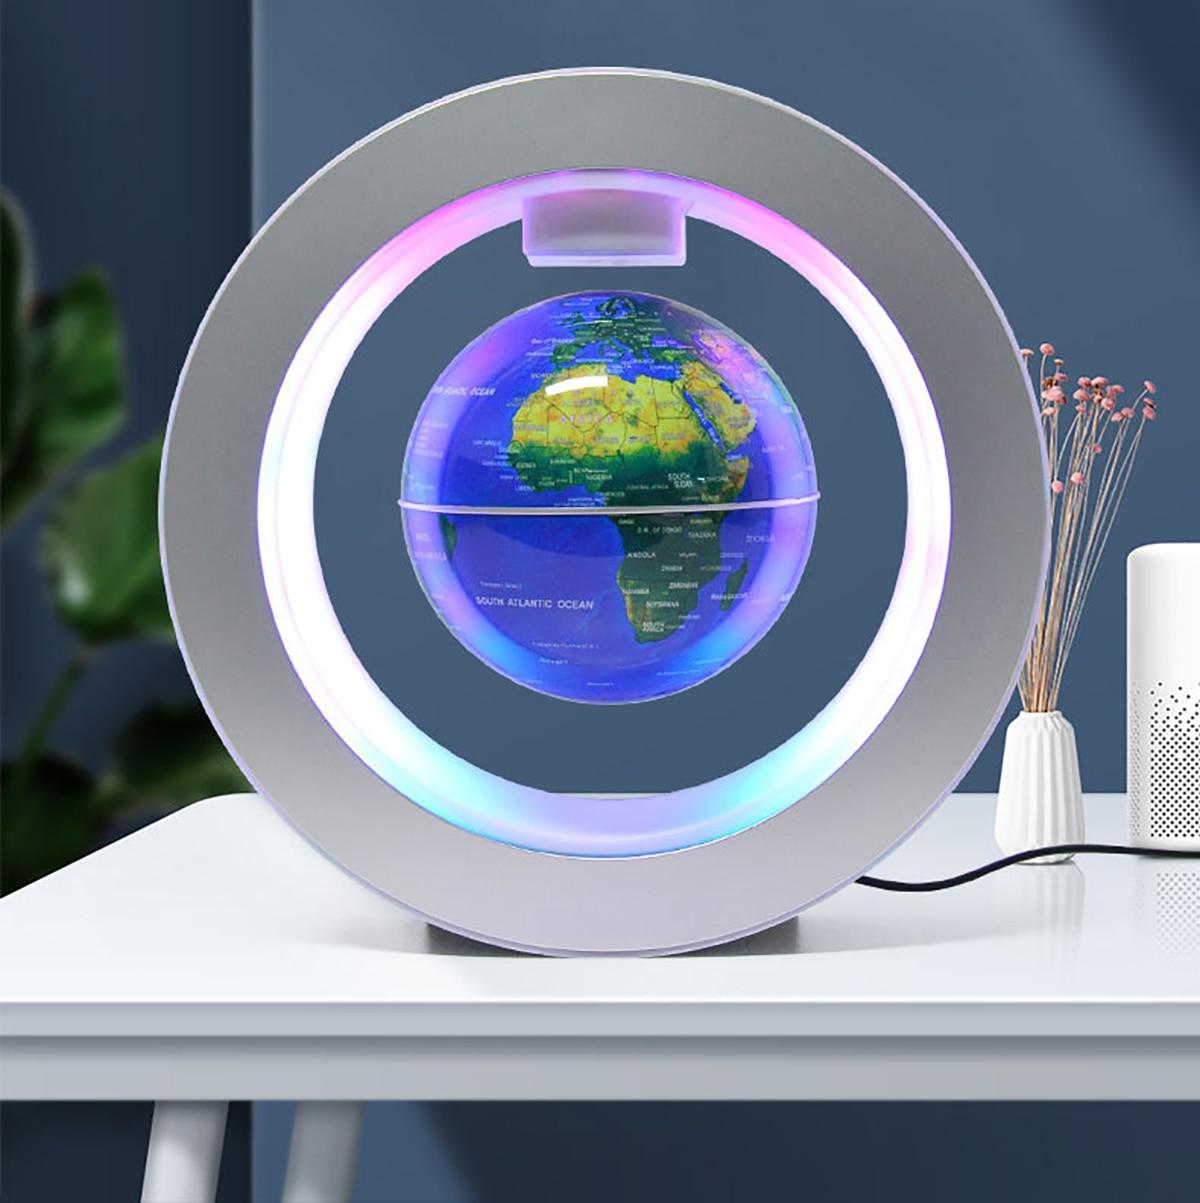 LED Globe Night Light World Map Magnetic Levitation Floating Multiple Colors Novel DecorationsBusiness Holiday Gifts